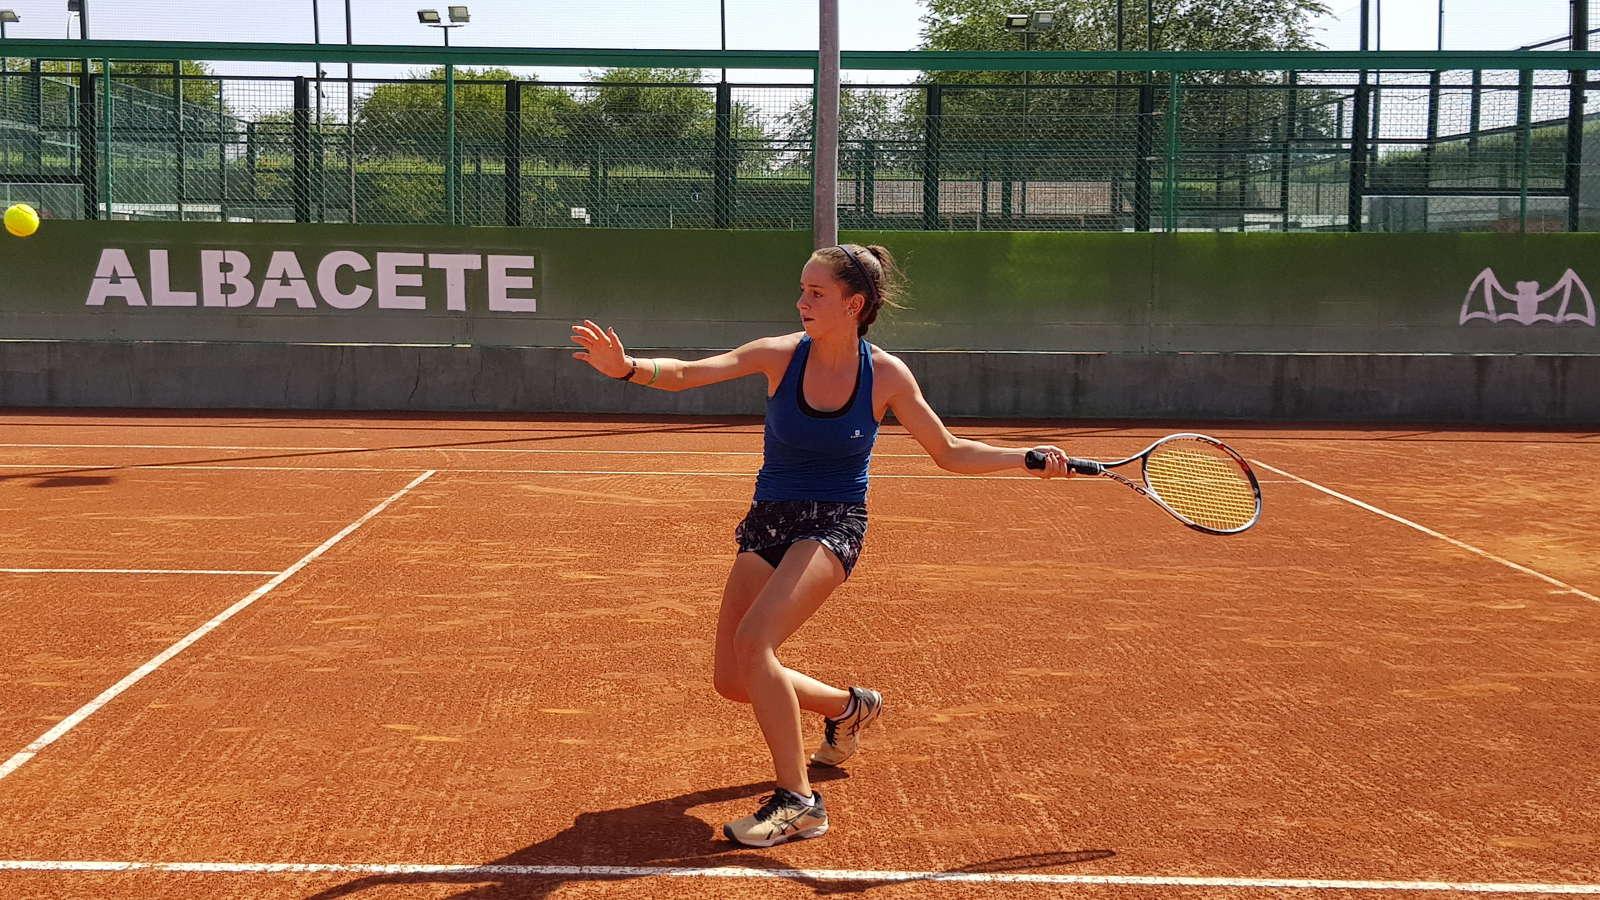 Imagen de una joven tenista